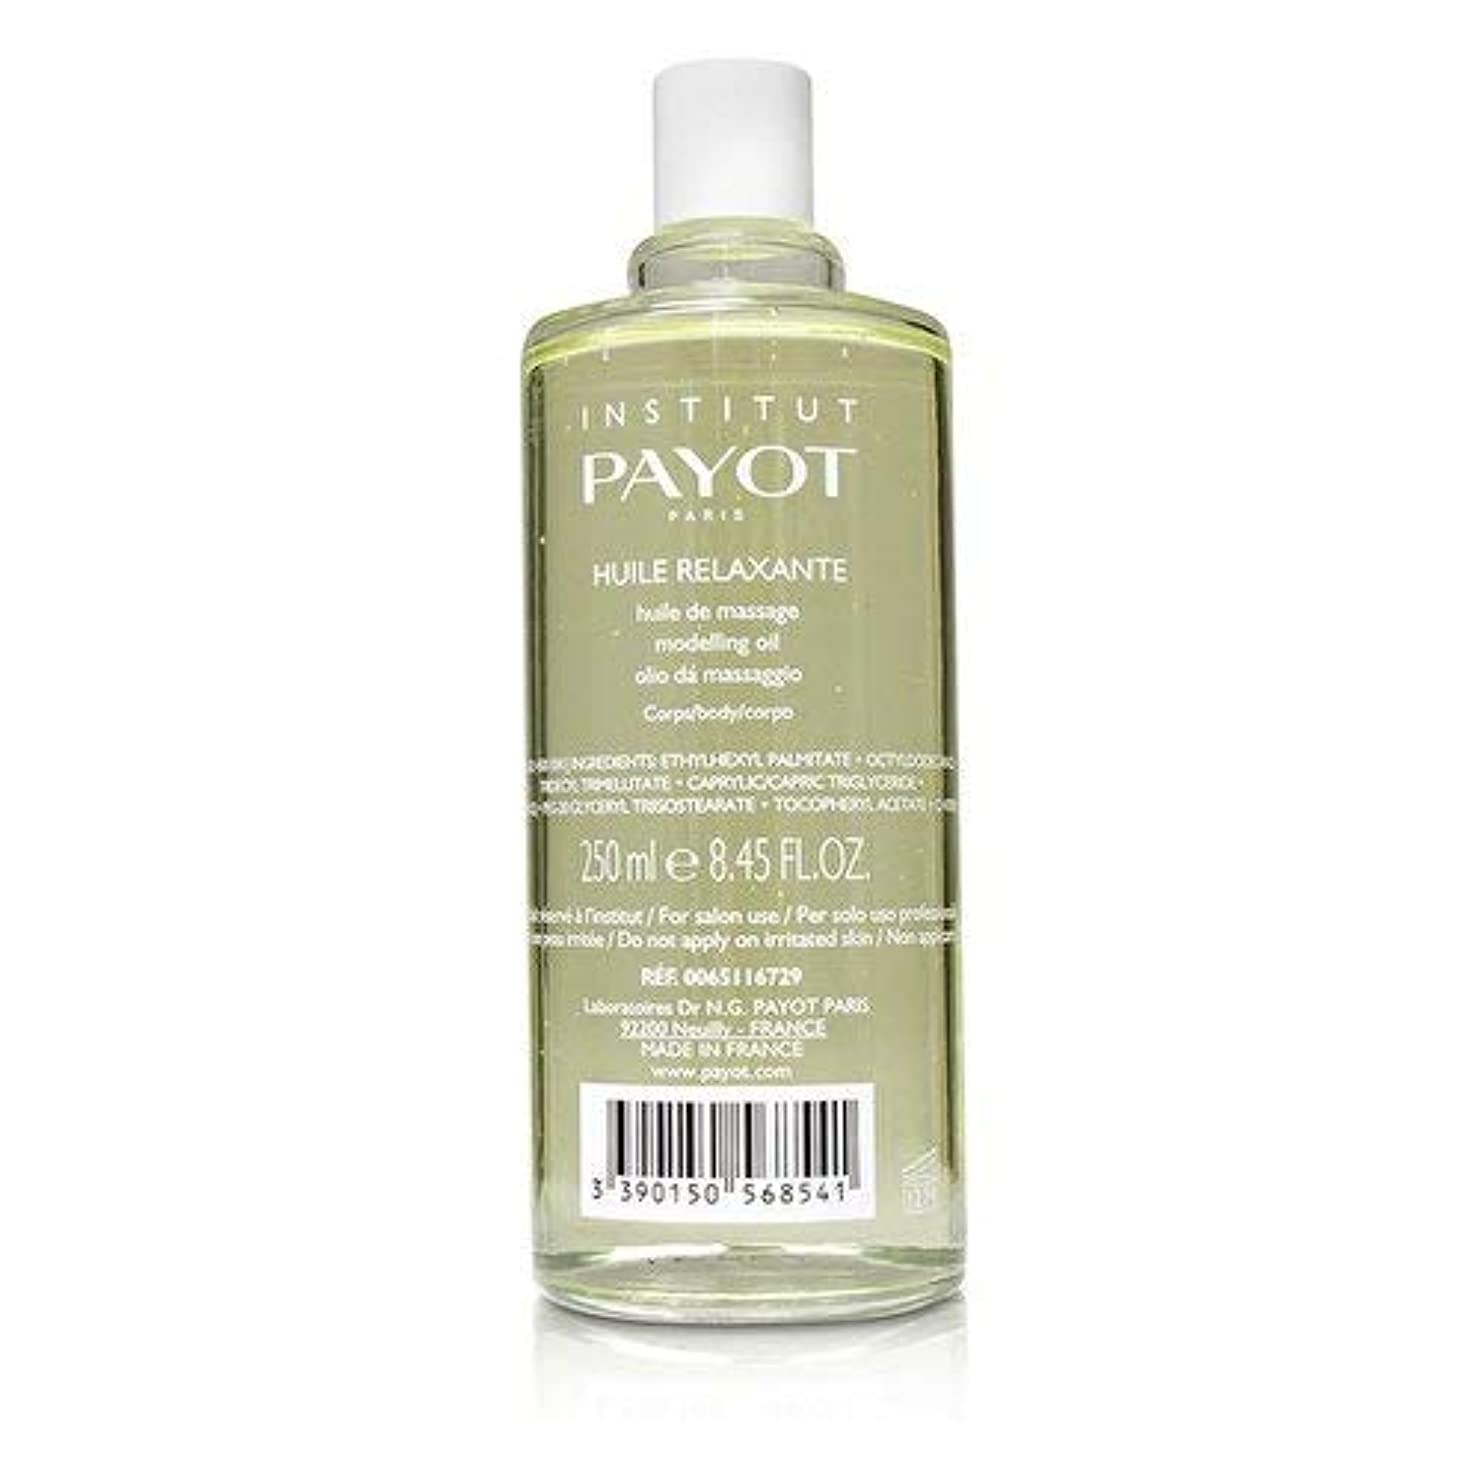 トースト海嶺刑務所パイヨ Huile Relaxante - Body Massage Oil (Jasmine & White Tea) (Salon Product) 250ml/8.45oz並行輸入品